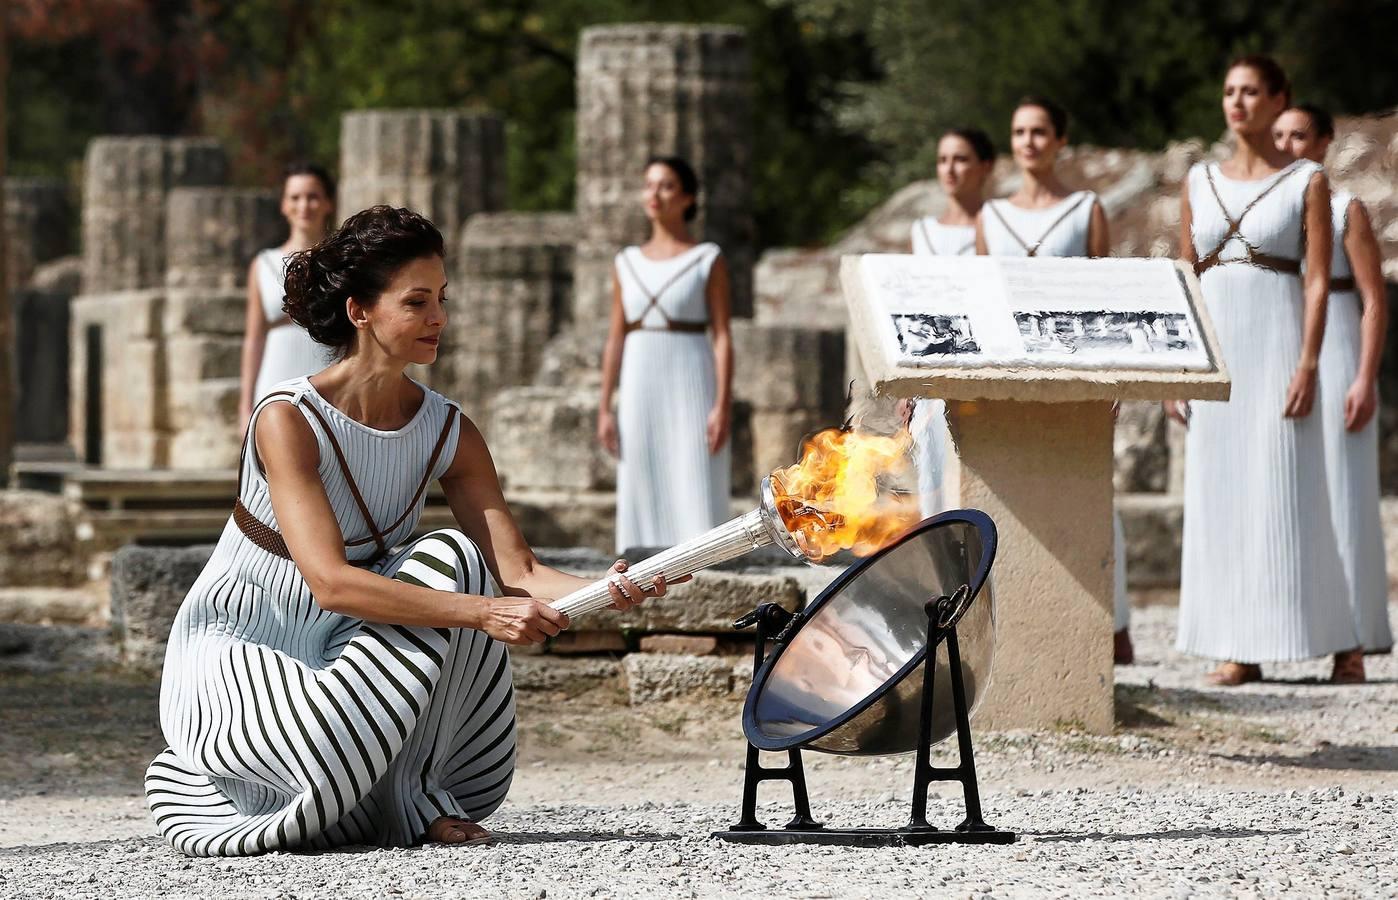 Olimpia encienda la llama Olímpica que pretende apagar el fuego de Corea